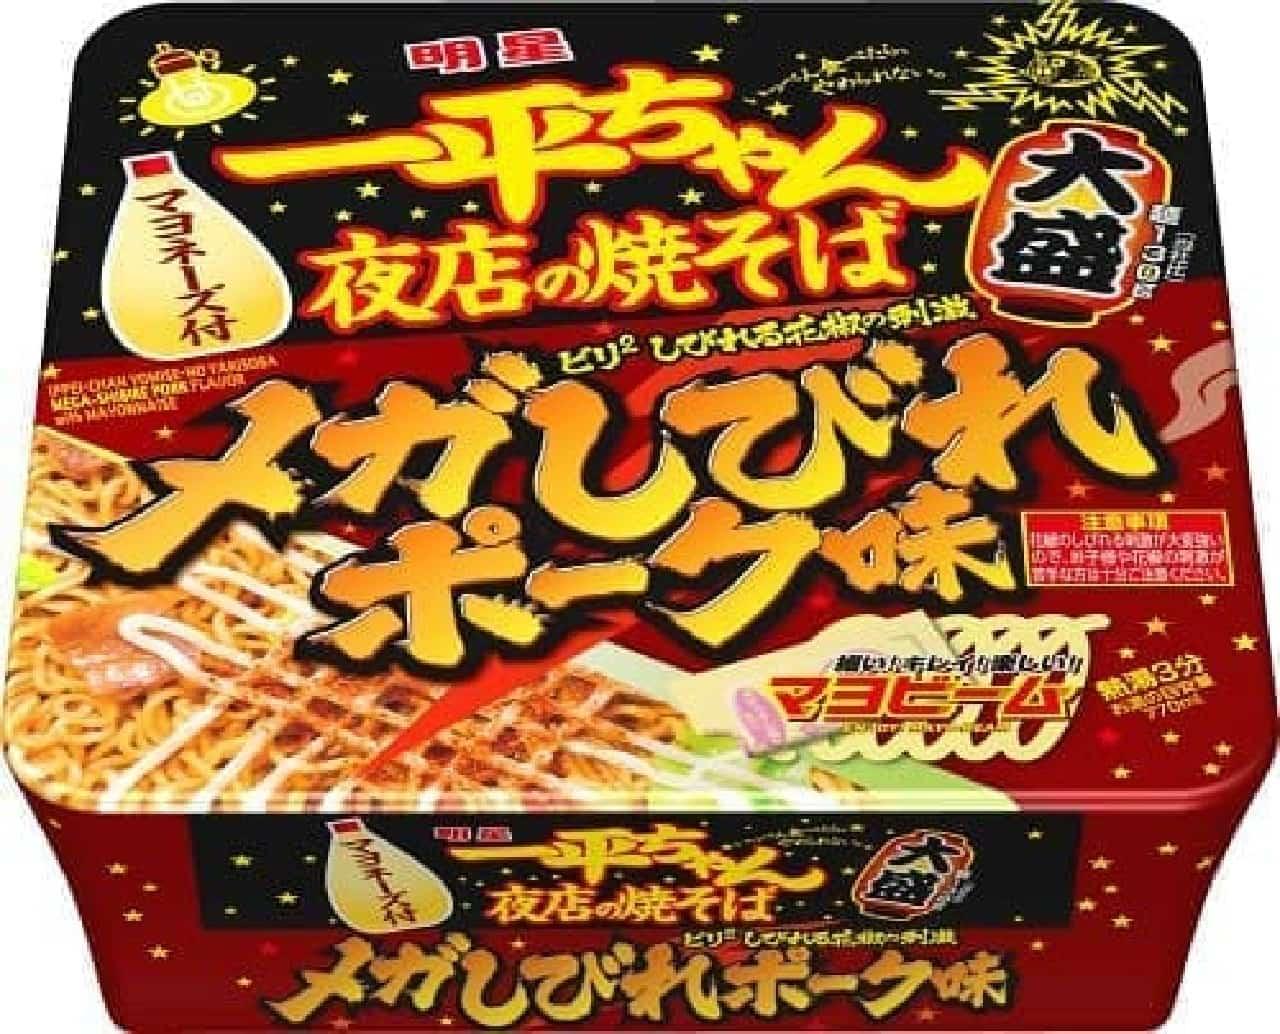 明星食品「明星 一平ちゃん夜店の焼そば 大盛 メガしびれポーク味」